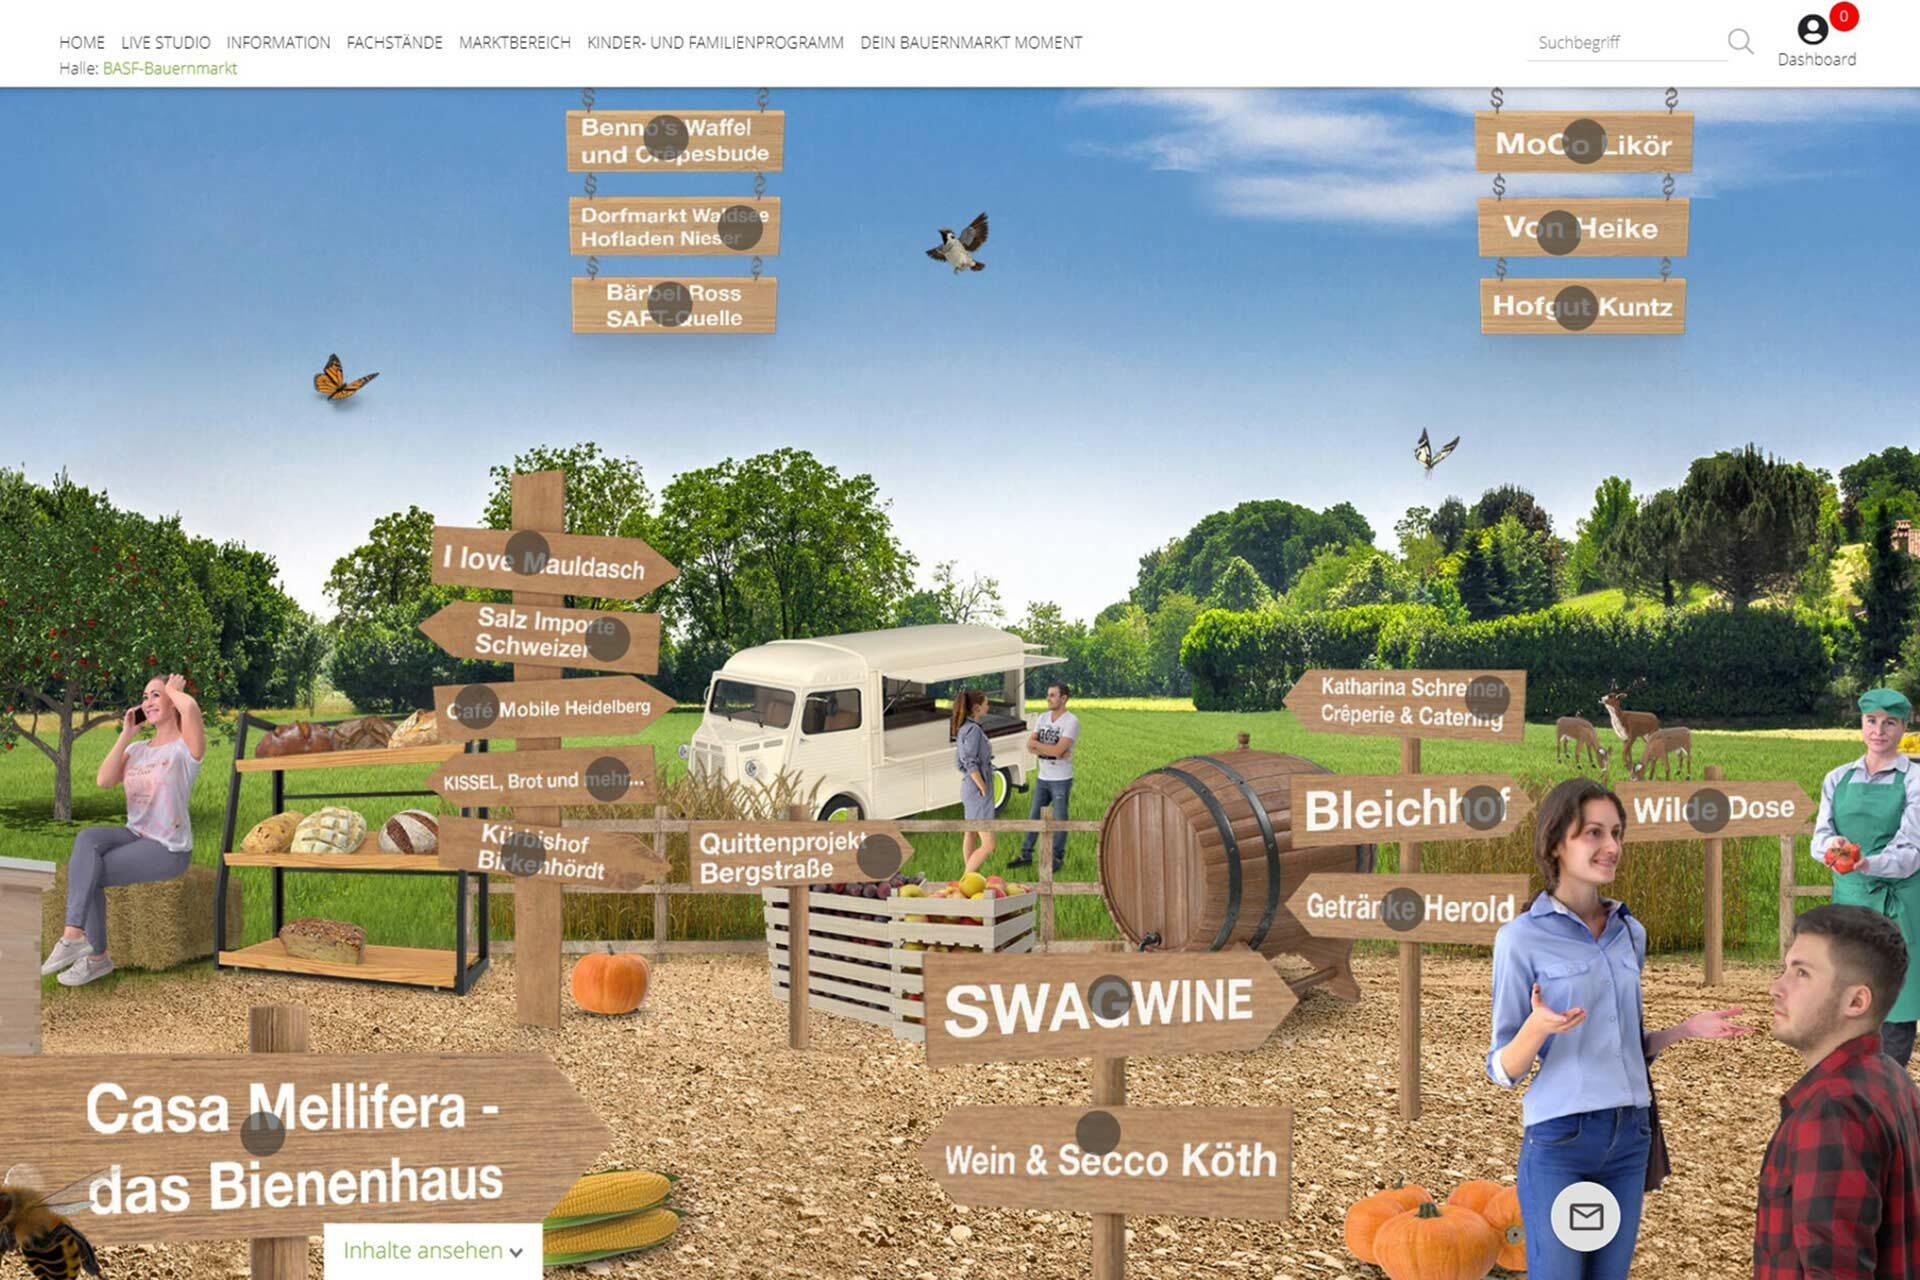 Agentur Ressmann   BASF-Bauernmarkt 11